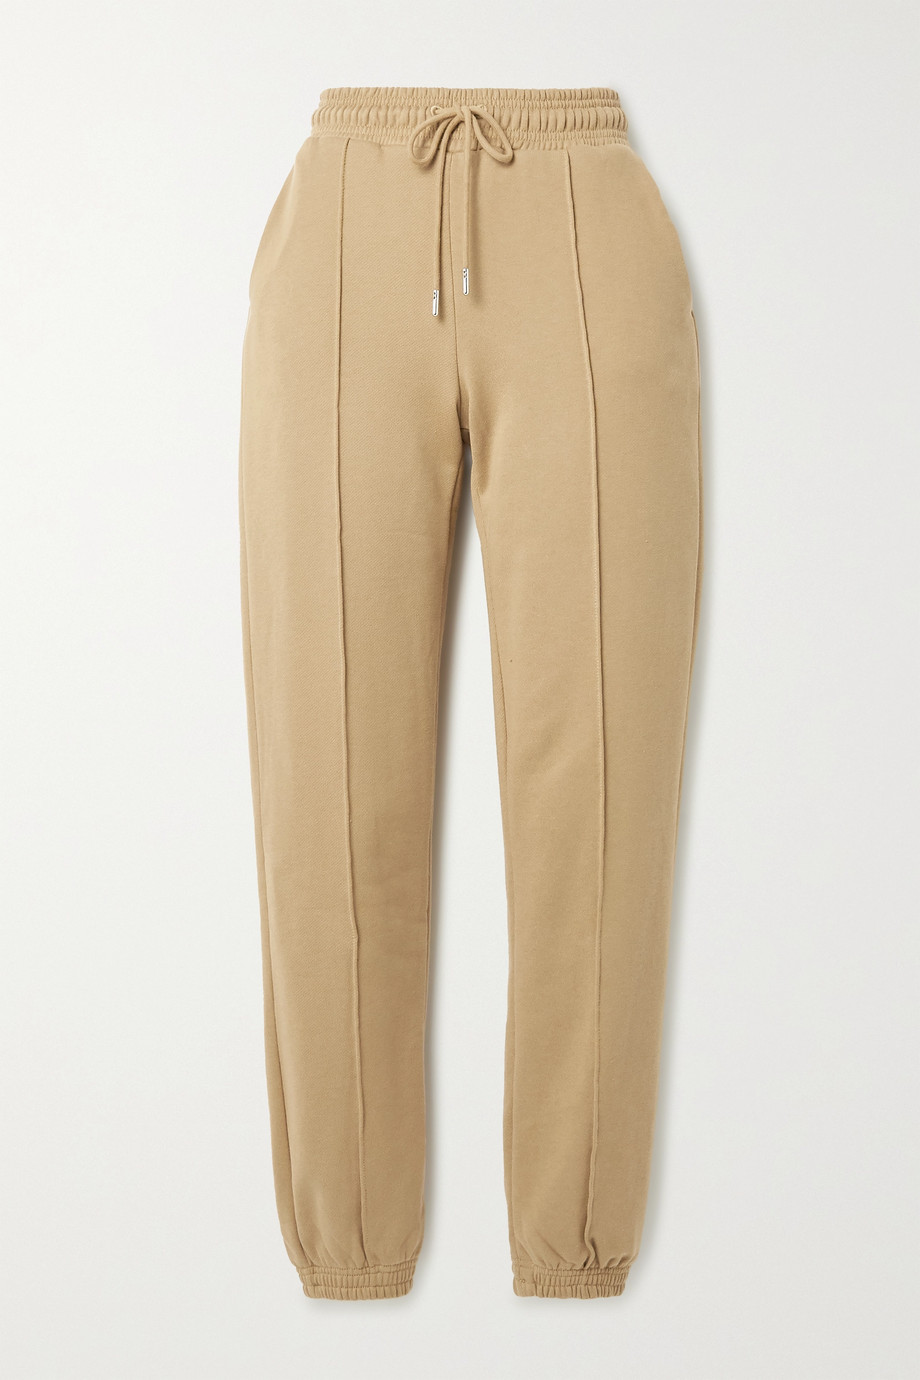 Ninety Percent Pantalon de survêtement en jersey de coton biologique Boy Fit